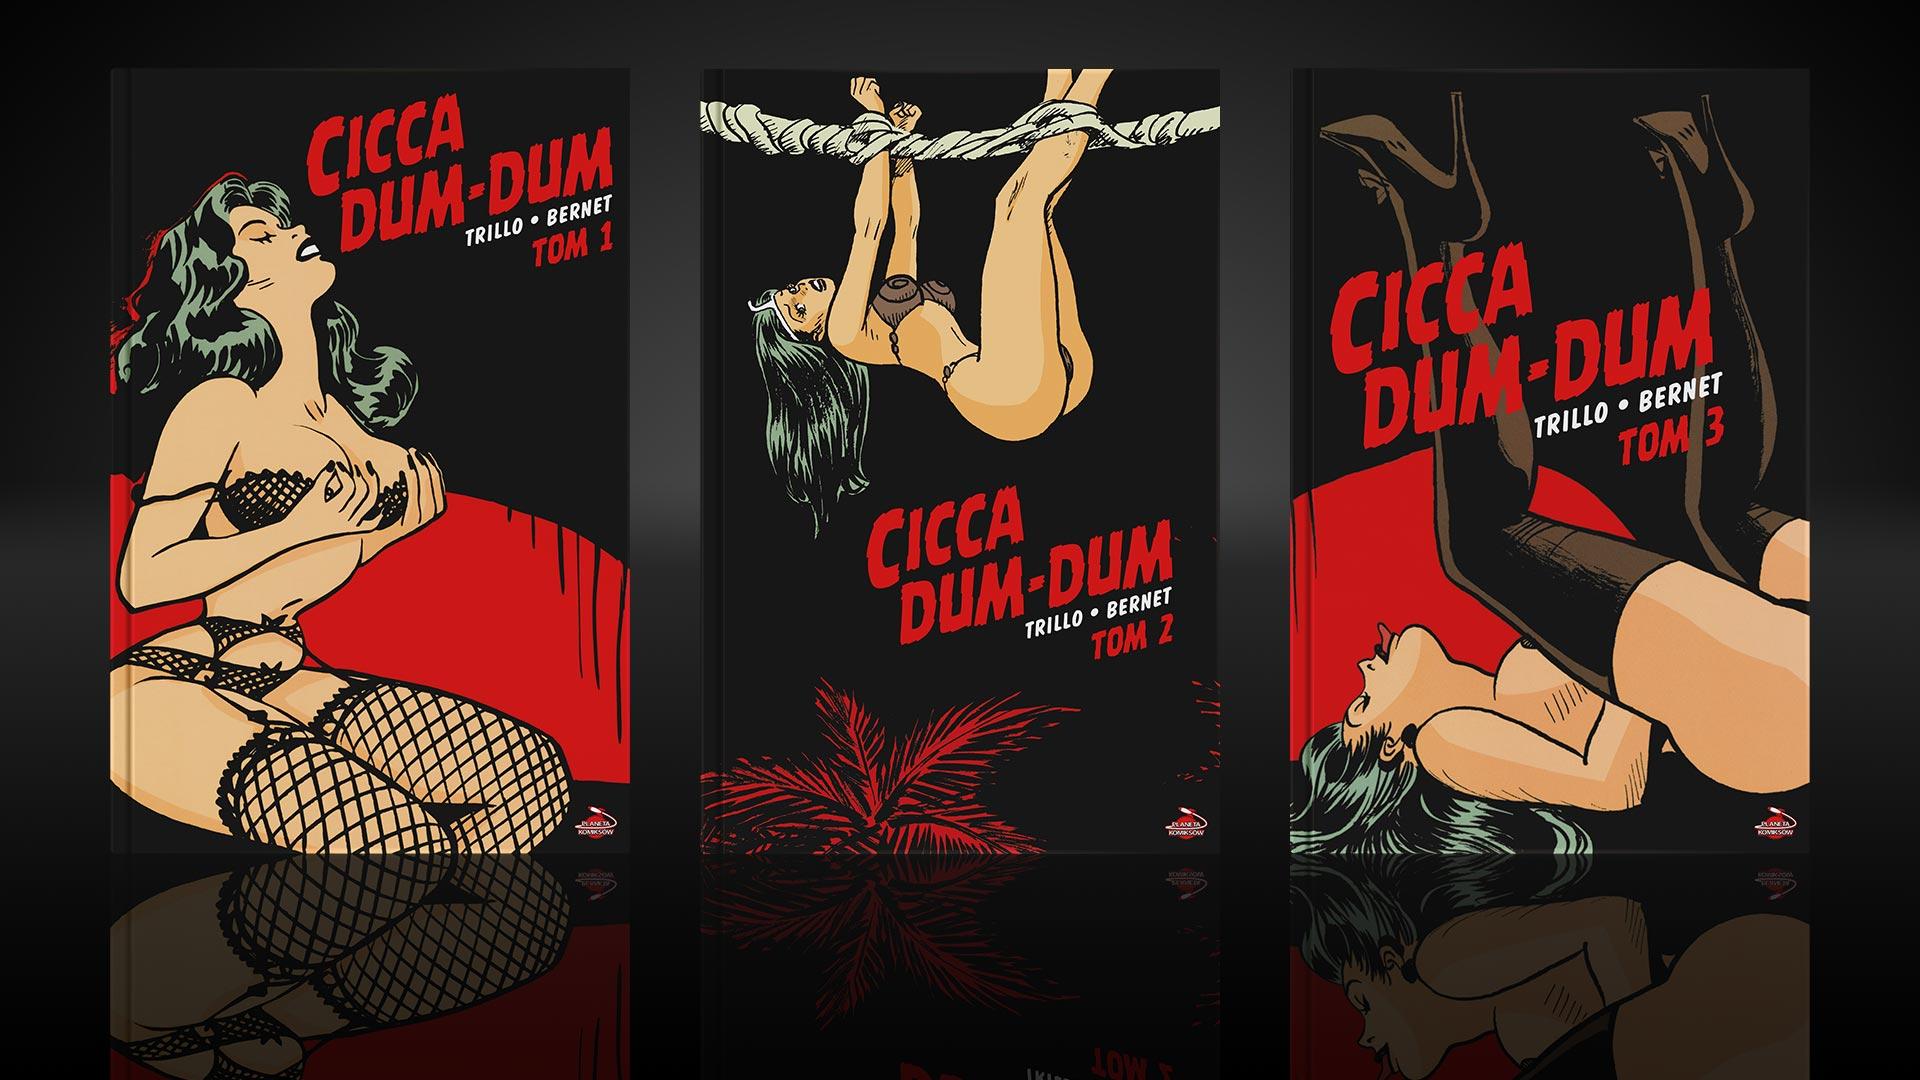 Cicca Dum-Dum powraca! Ostatni tom w przedsprzedaży